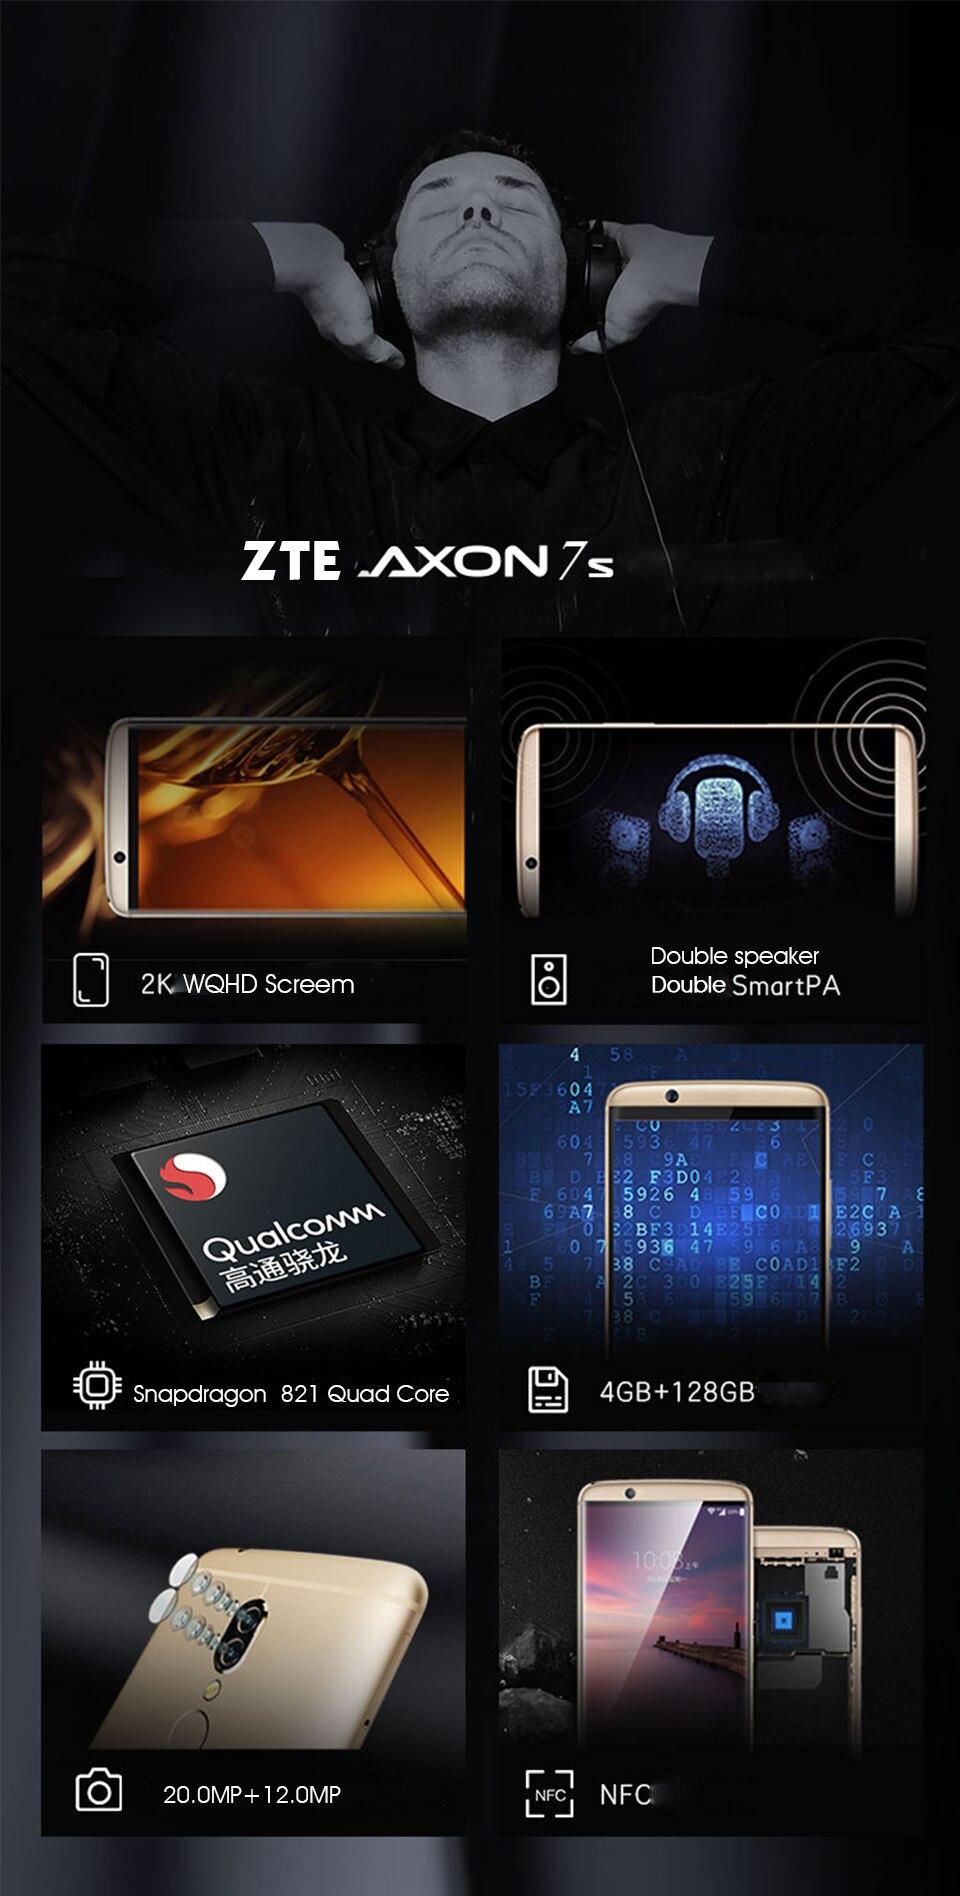 gudang Phone 4G 20.0MP 2